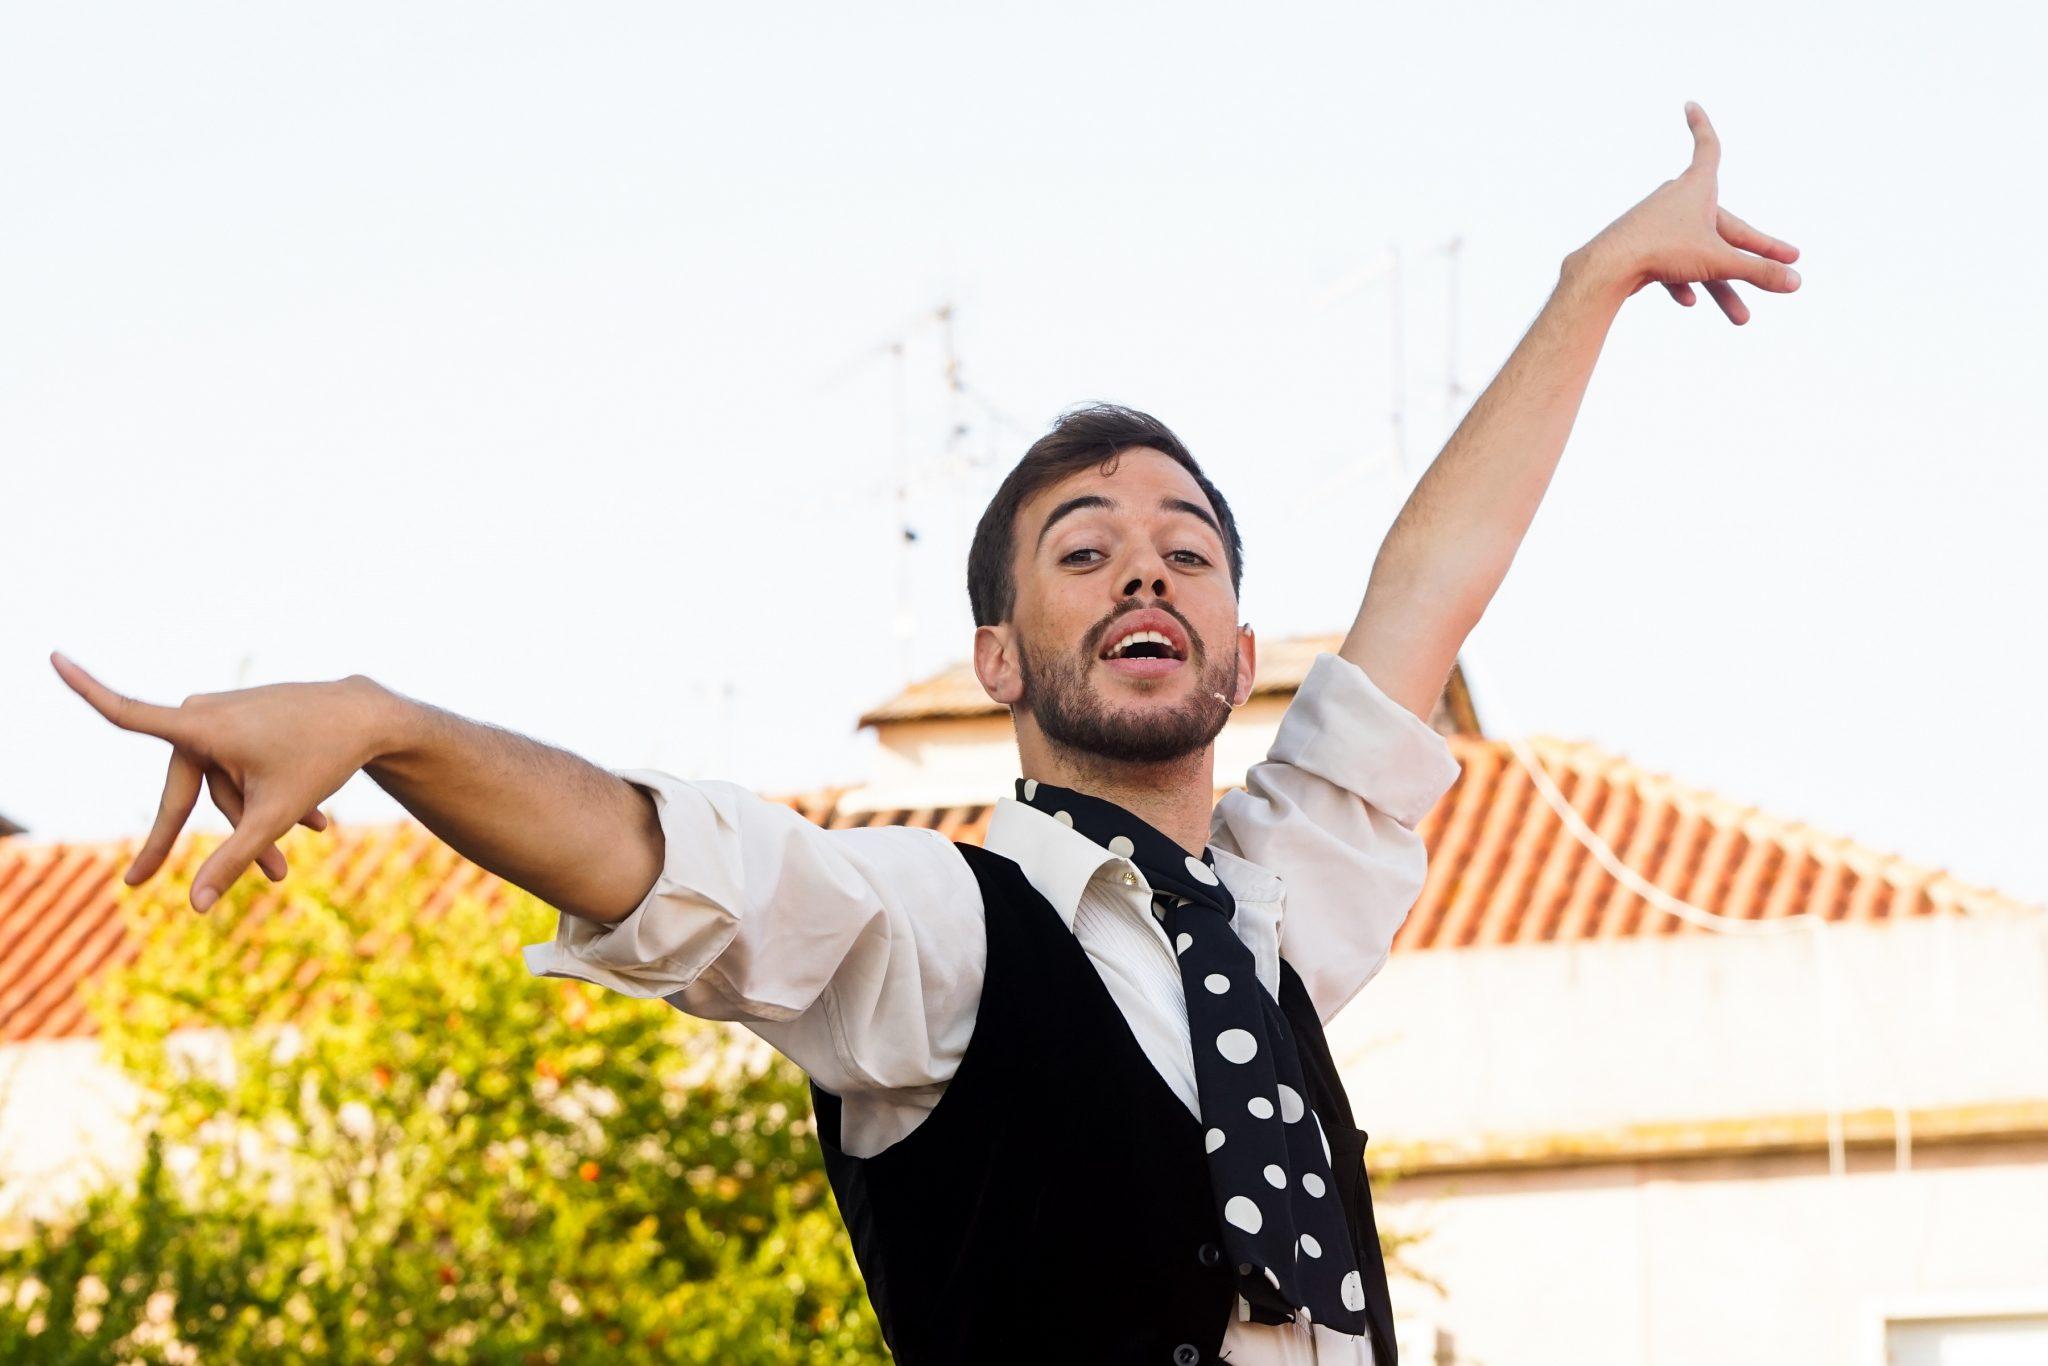 Um homem, de frente para o observador, dança com braço esticado para cima e outro esticado para o lado